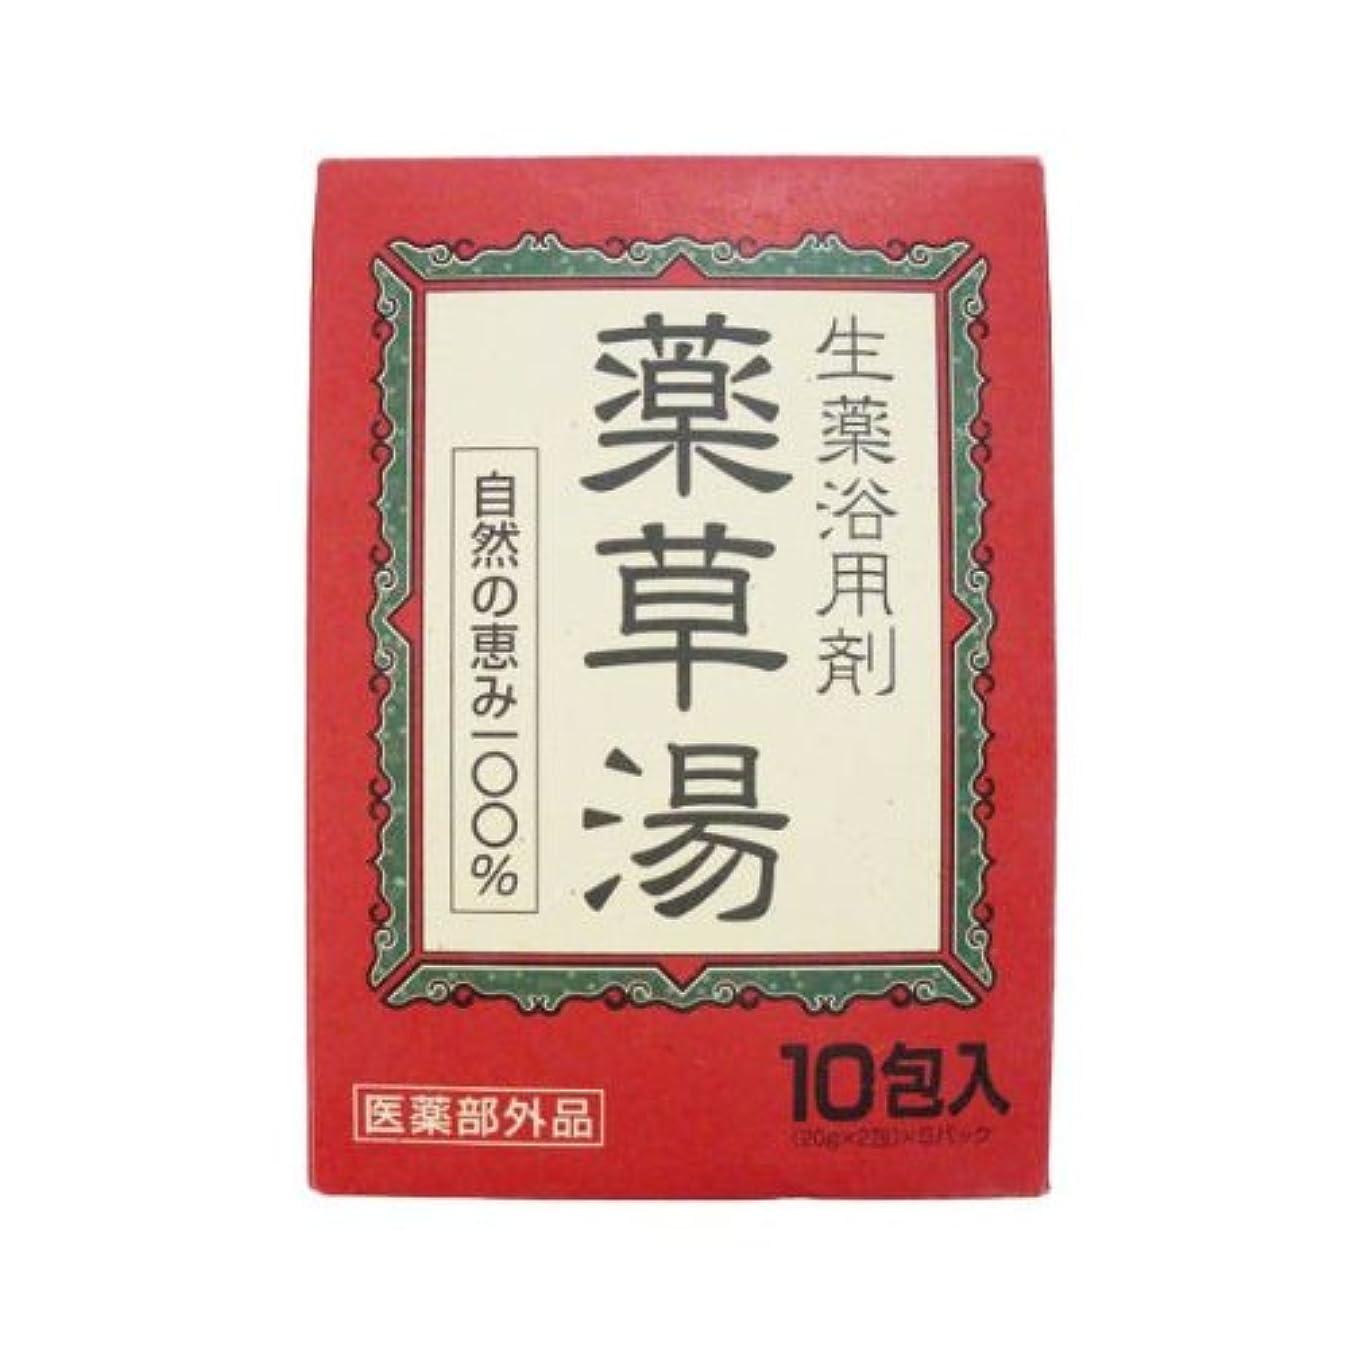 強調する十代旅行VVN生薬入浴剤薬草湯10包×(20セット)